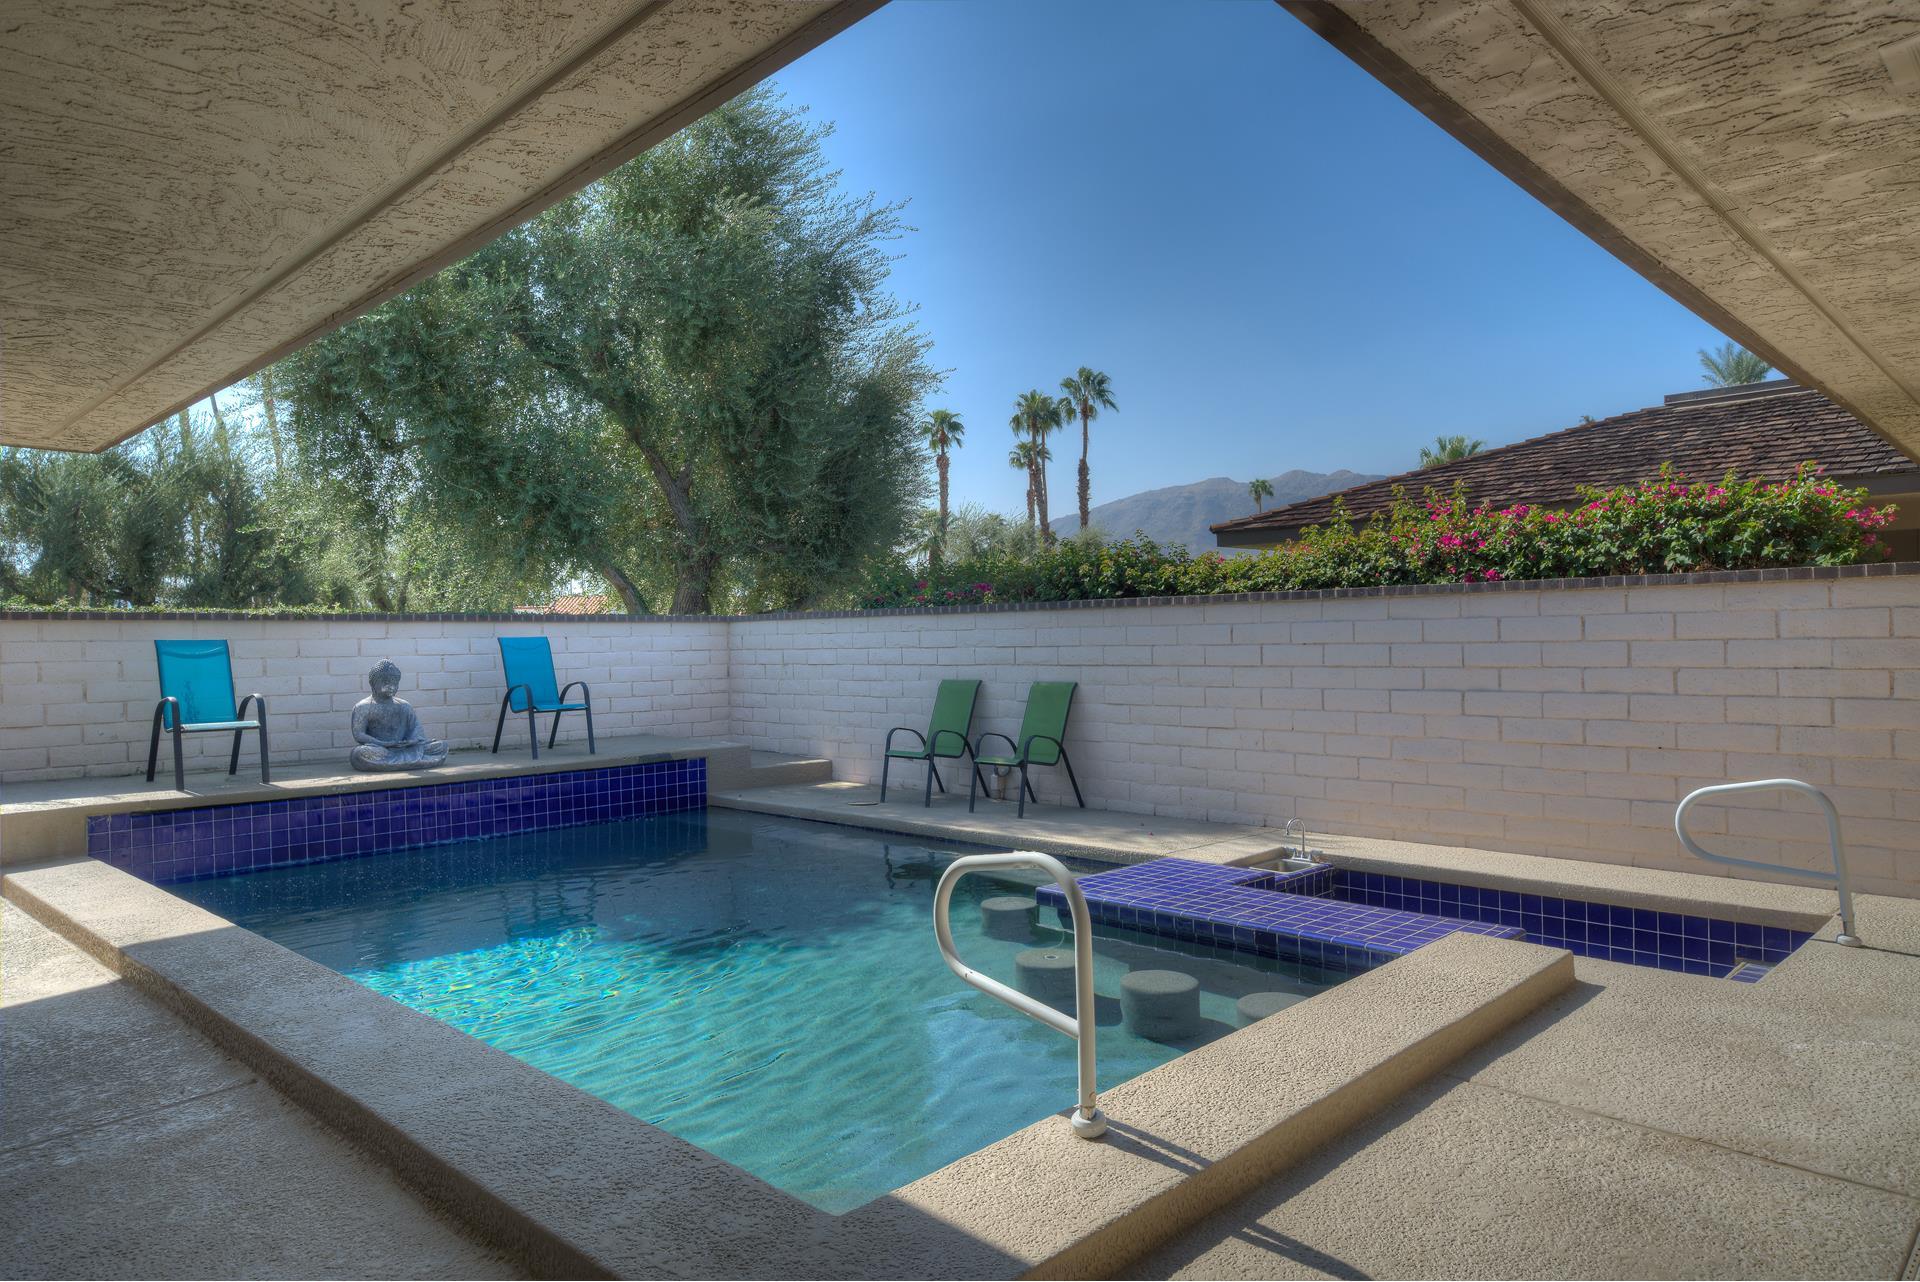 78 Colgate Drive - Rancho Mirage, California